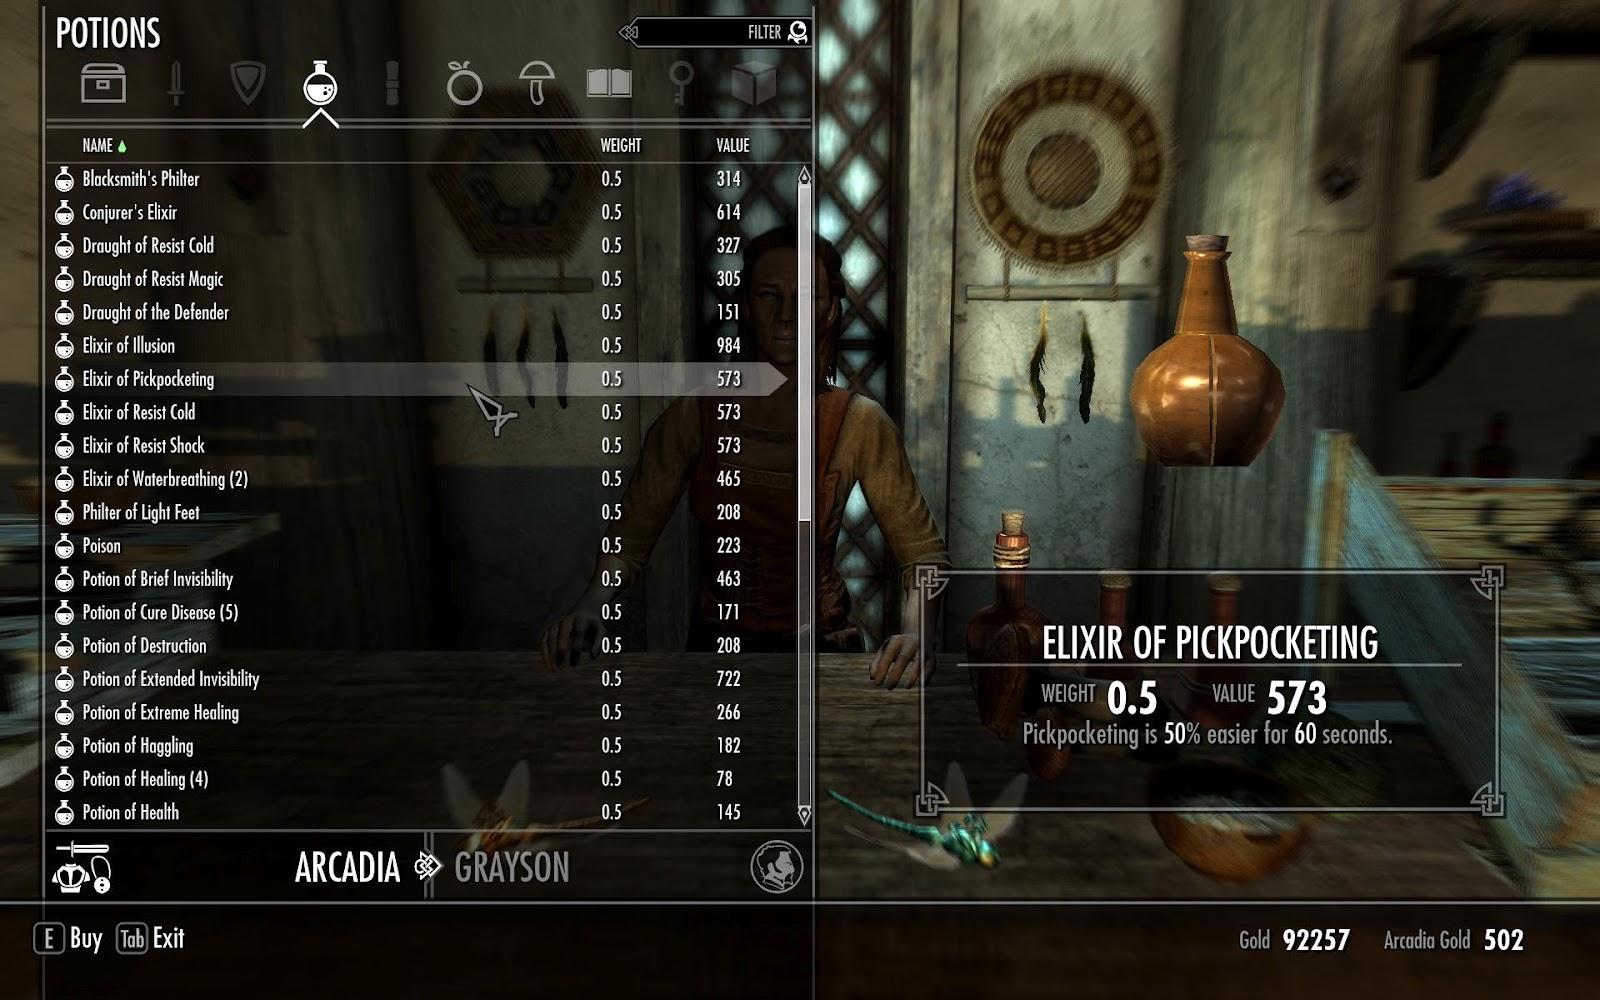 Dragon's Kneecap: Improving Your Skyrim Experience on PC